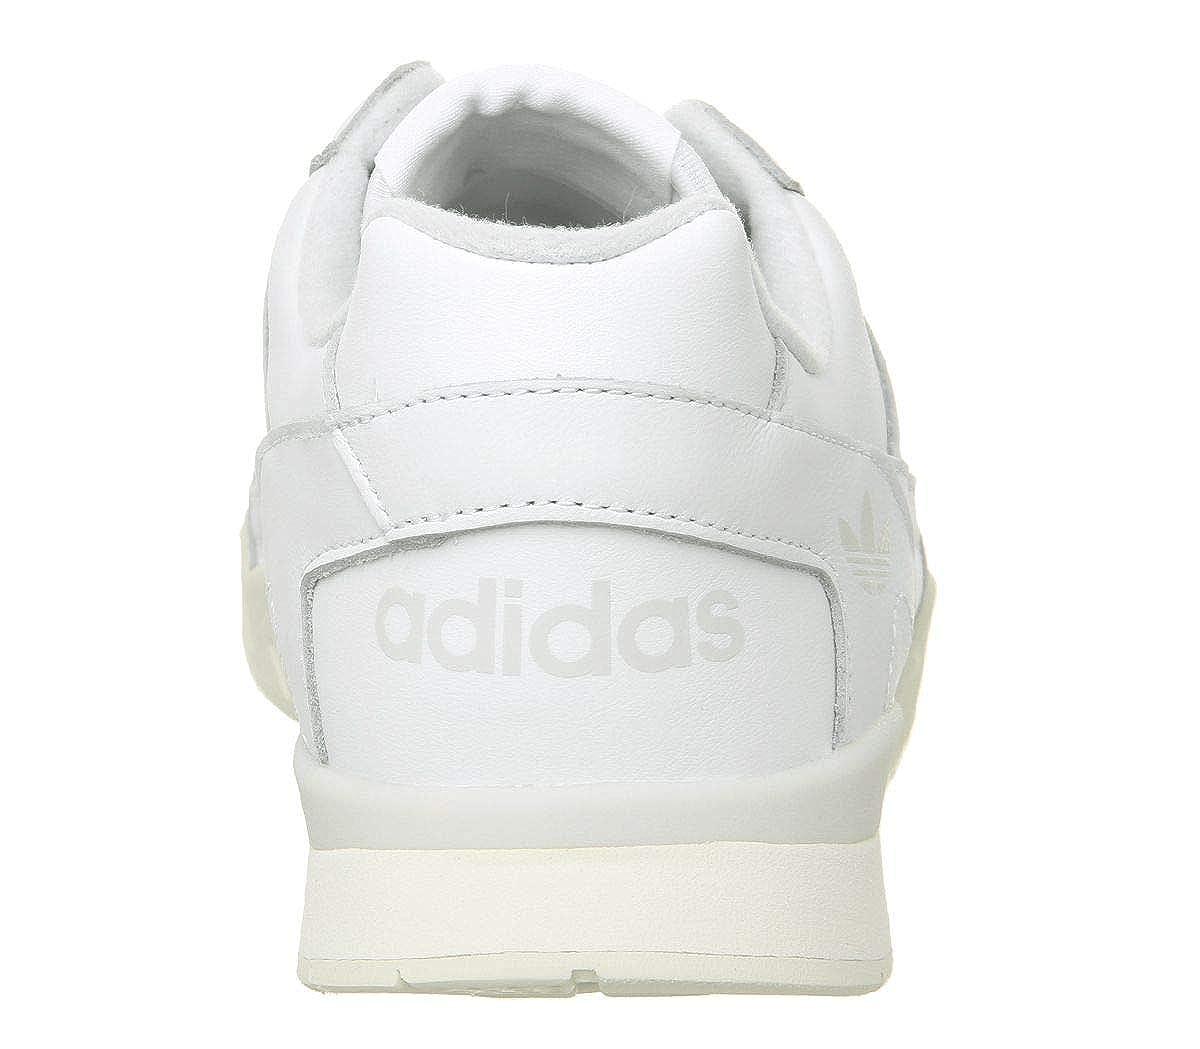 Adidas Herren A.r. Trainer Fitnessschuhe weiß    daee0b